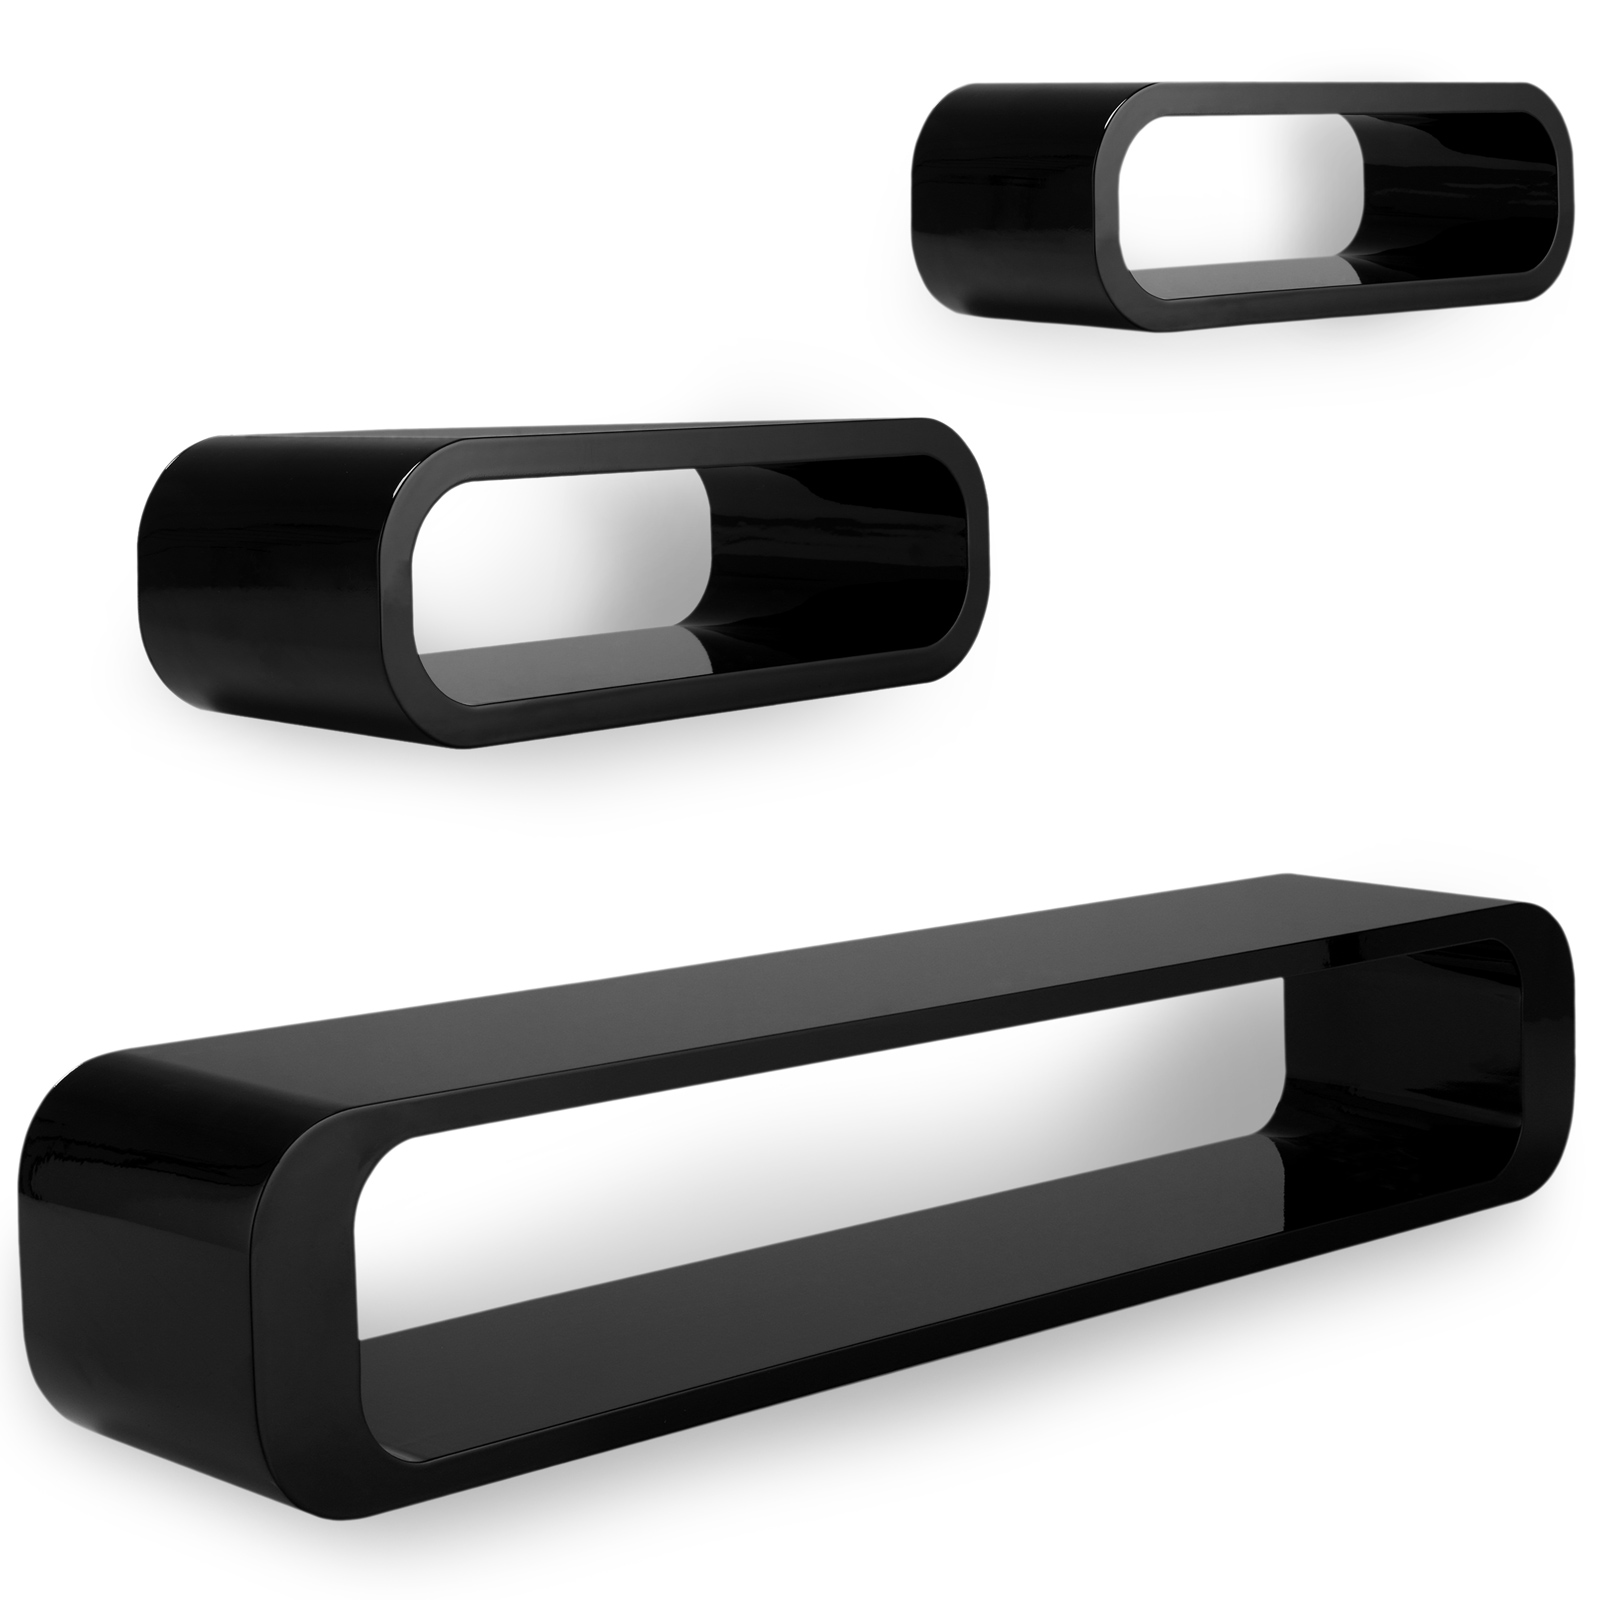 couchtisch wohnzimmertisch hochglanz beistelltisch tisch 360 drehbar schwarz ebay. Black Bedroom Furniture Sets. Home Design Ideas